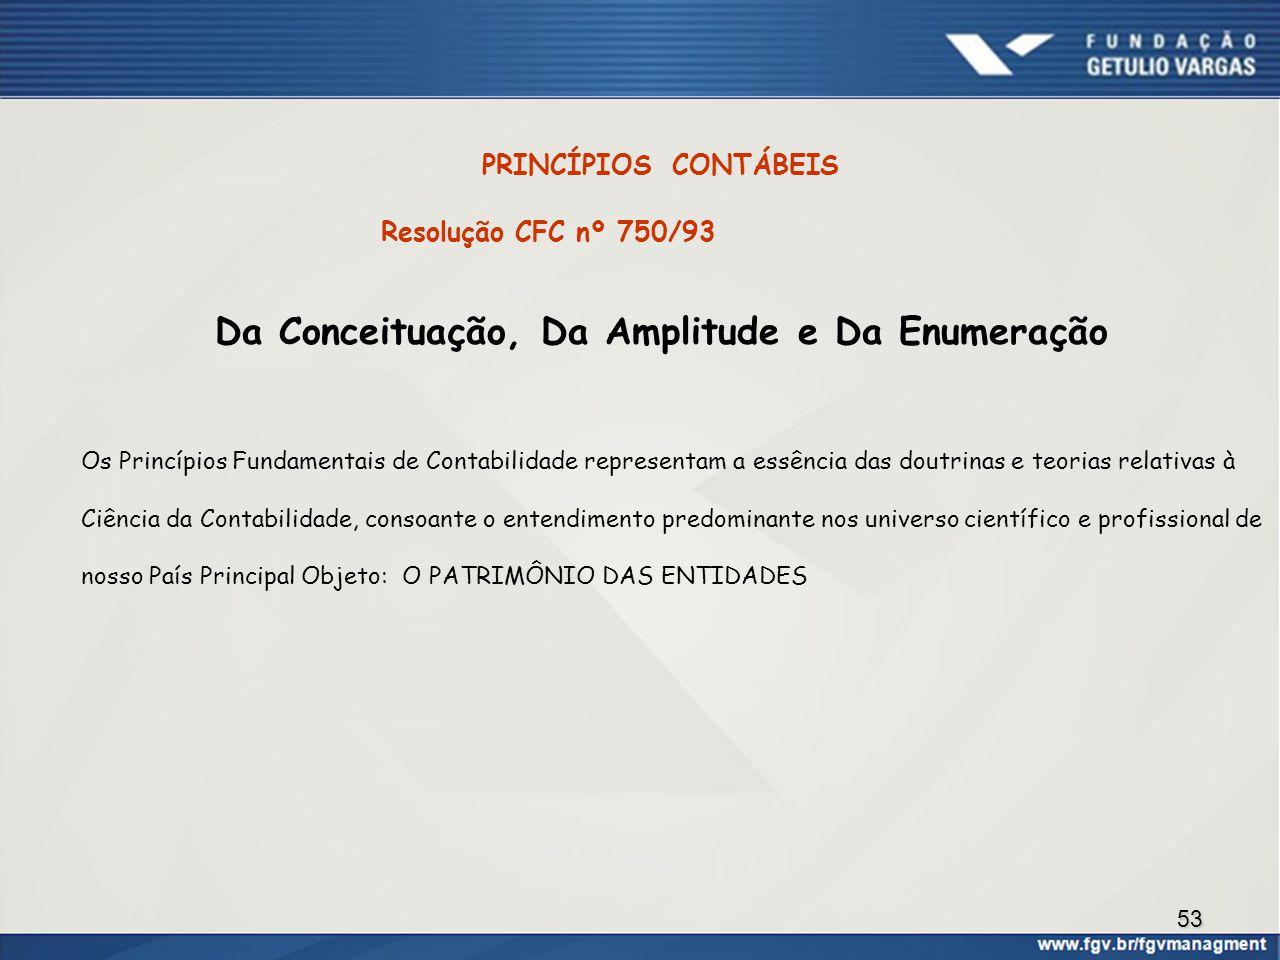 53 PRINCÍPIOS CONTÁBEIS Resolução CFC nº 750/93 Da Conceituação, Da Amplitude e Da Enumeração Os Princípios Fundamentais de Contabilidade representam